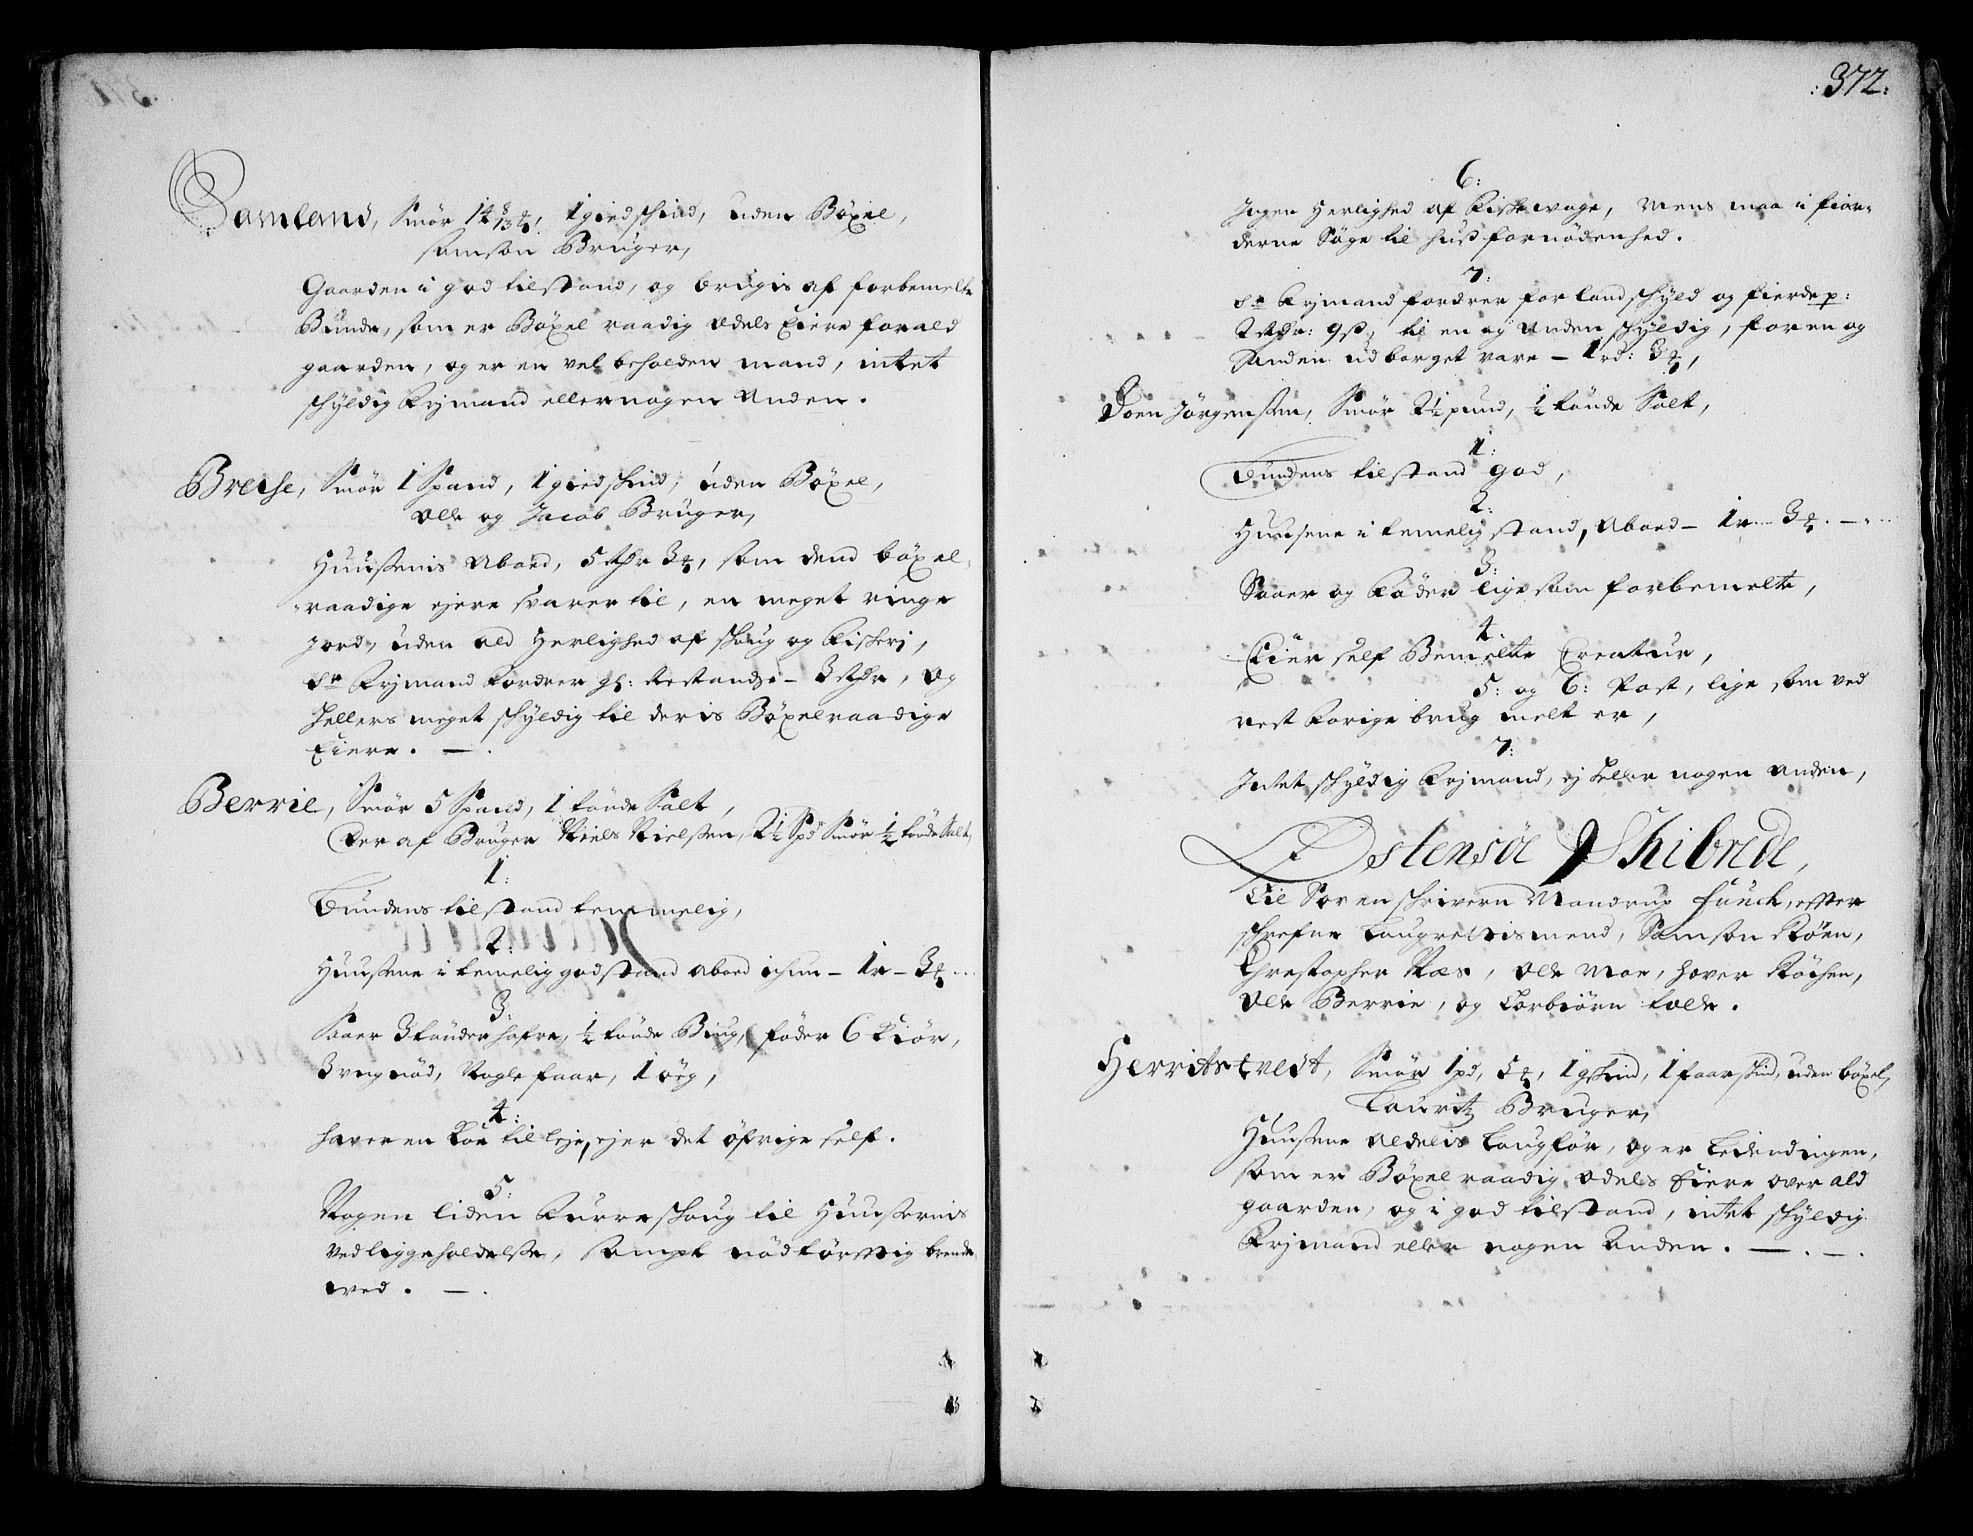 RA, Rentekammeret inntil 1814, Realistisk ordnet avdeling, On/L0002: [Jj 3]: Besiktigelsesforretninger over Halsnøy klosters gods, 1659-1703, s. 371b-372a